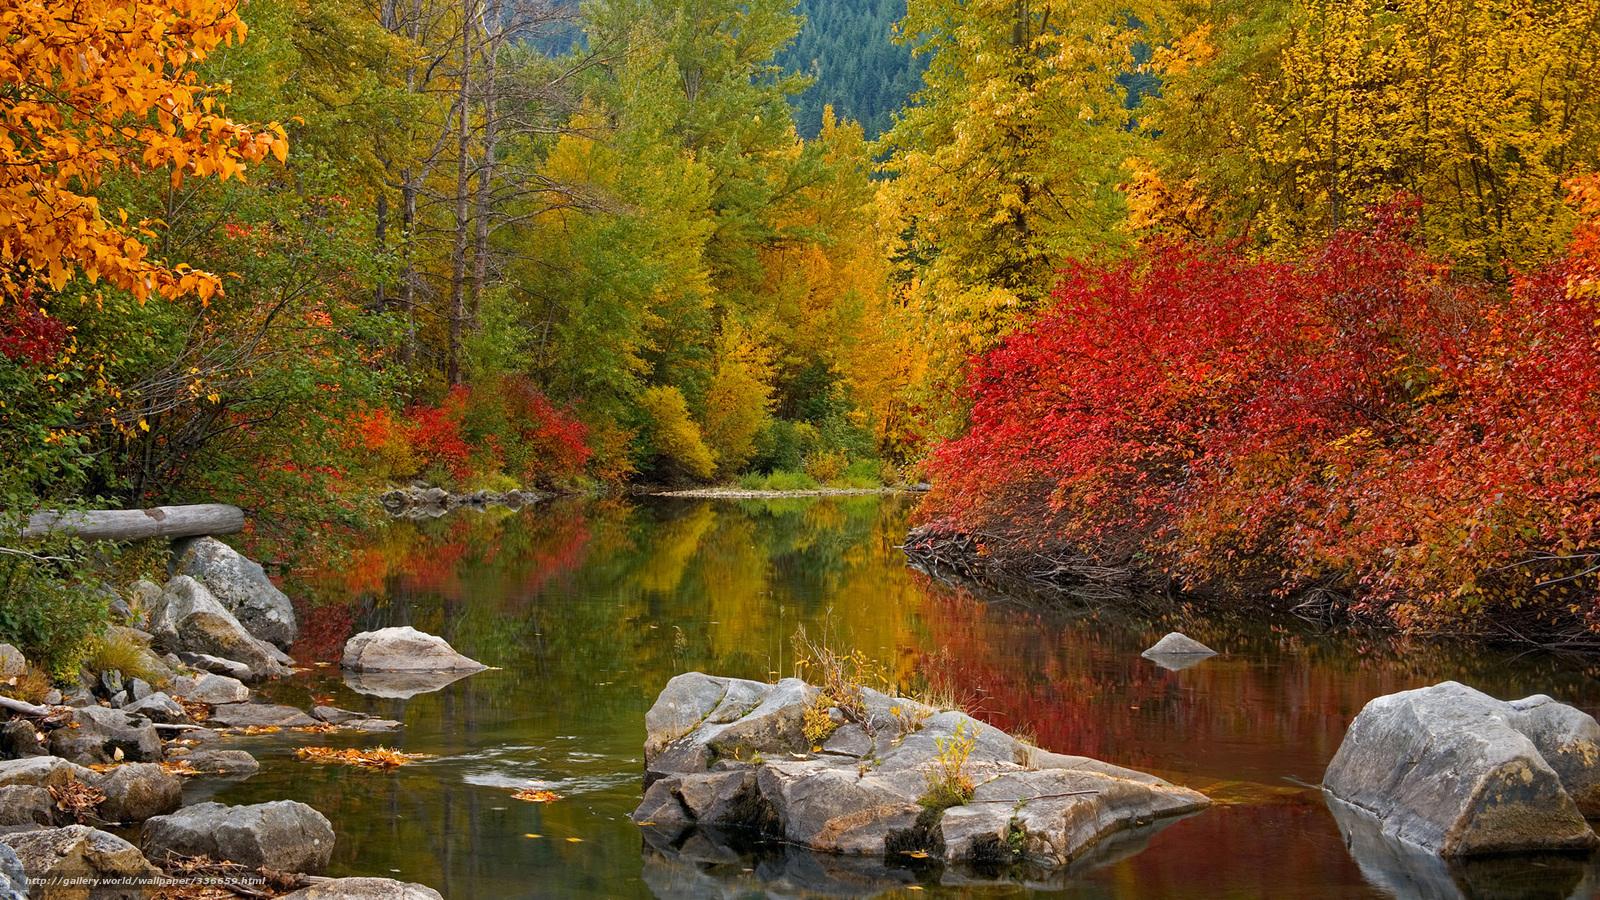 Scaricare gli sfondi autunno fiume foresta alberi for Autunno sfondi desktop